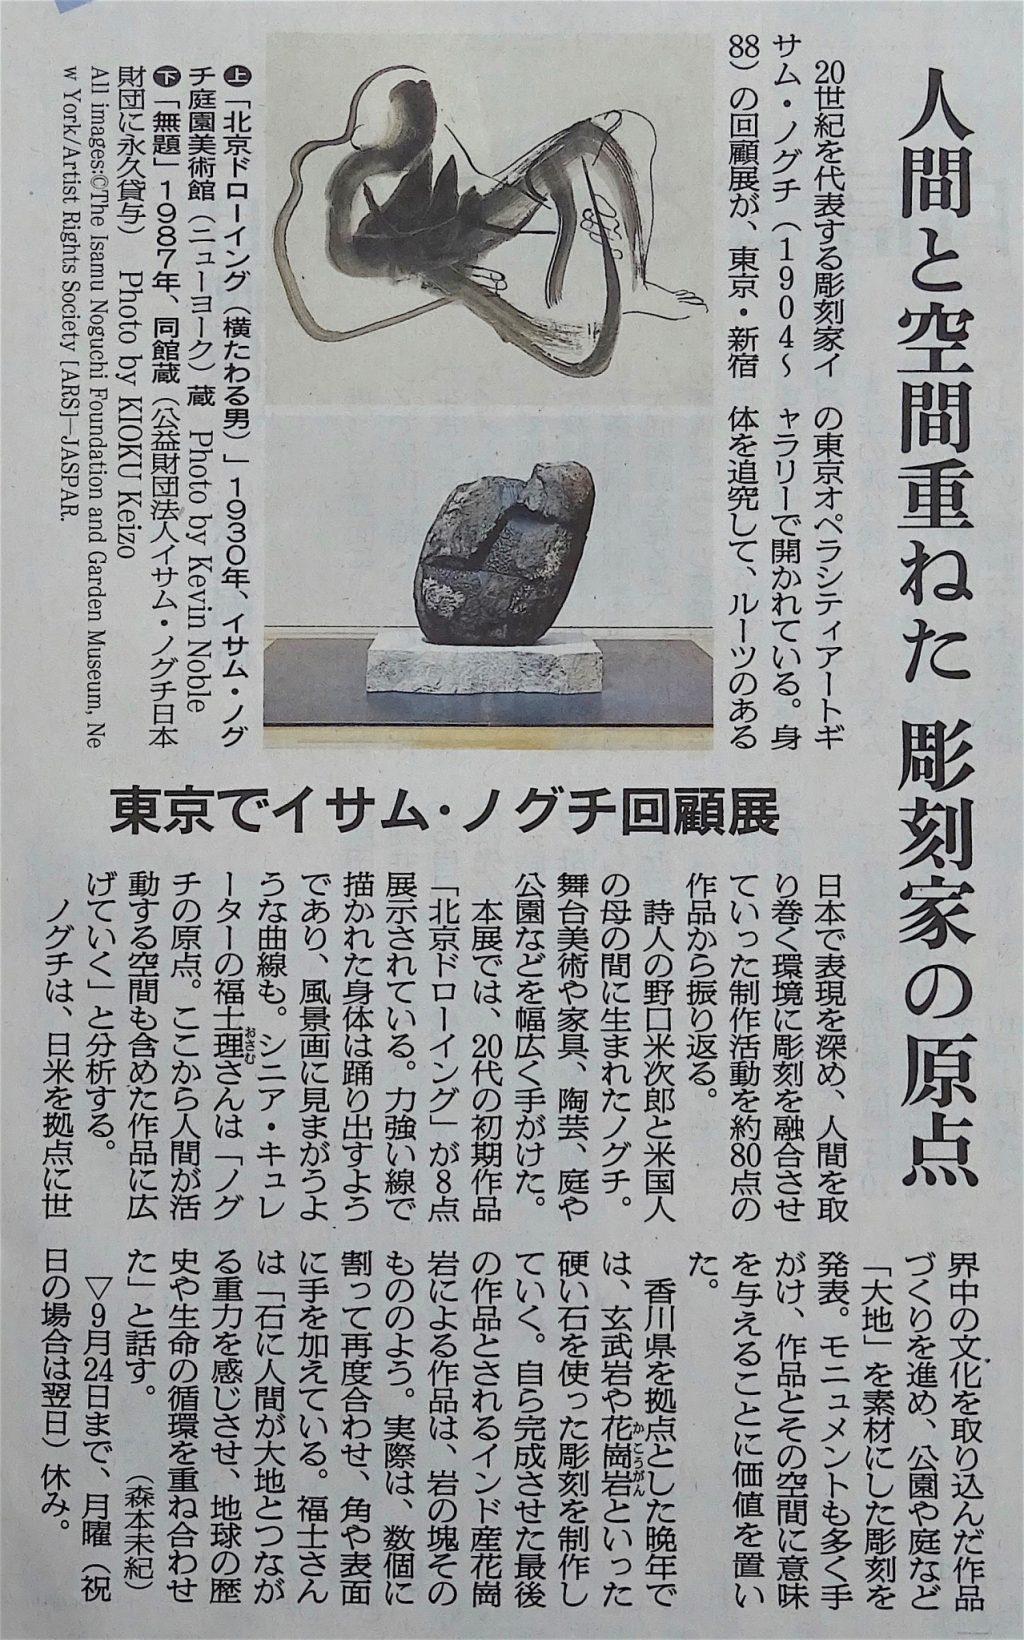 イサム・ノグチ・イサム NOGUCHI Isamu 朝日新聞